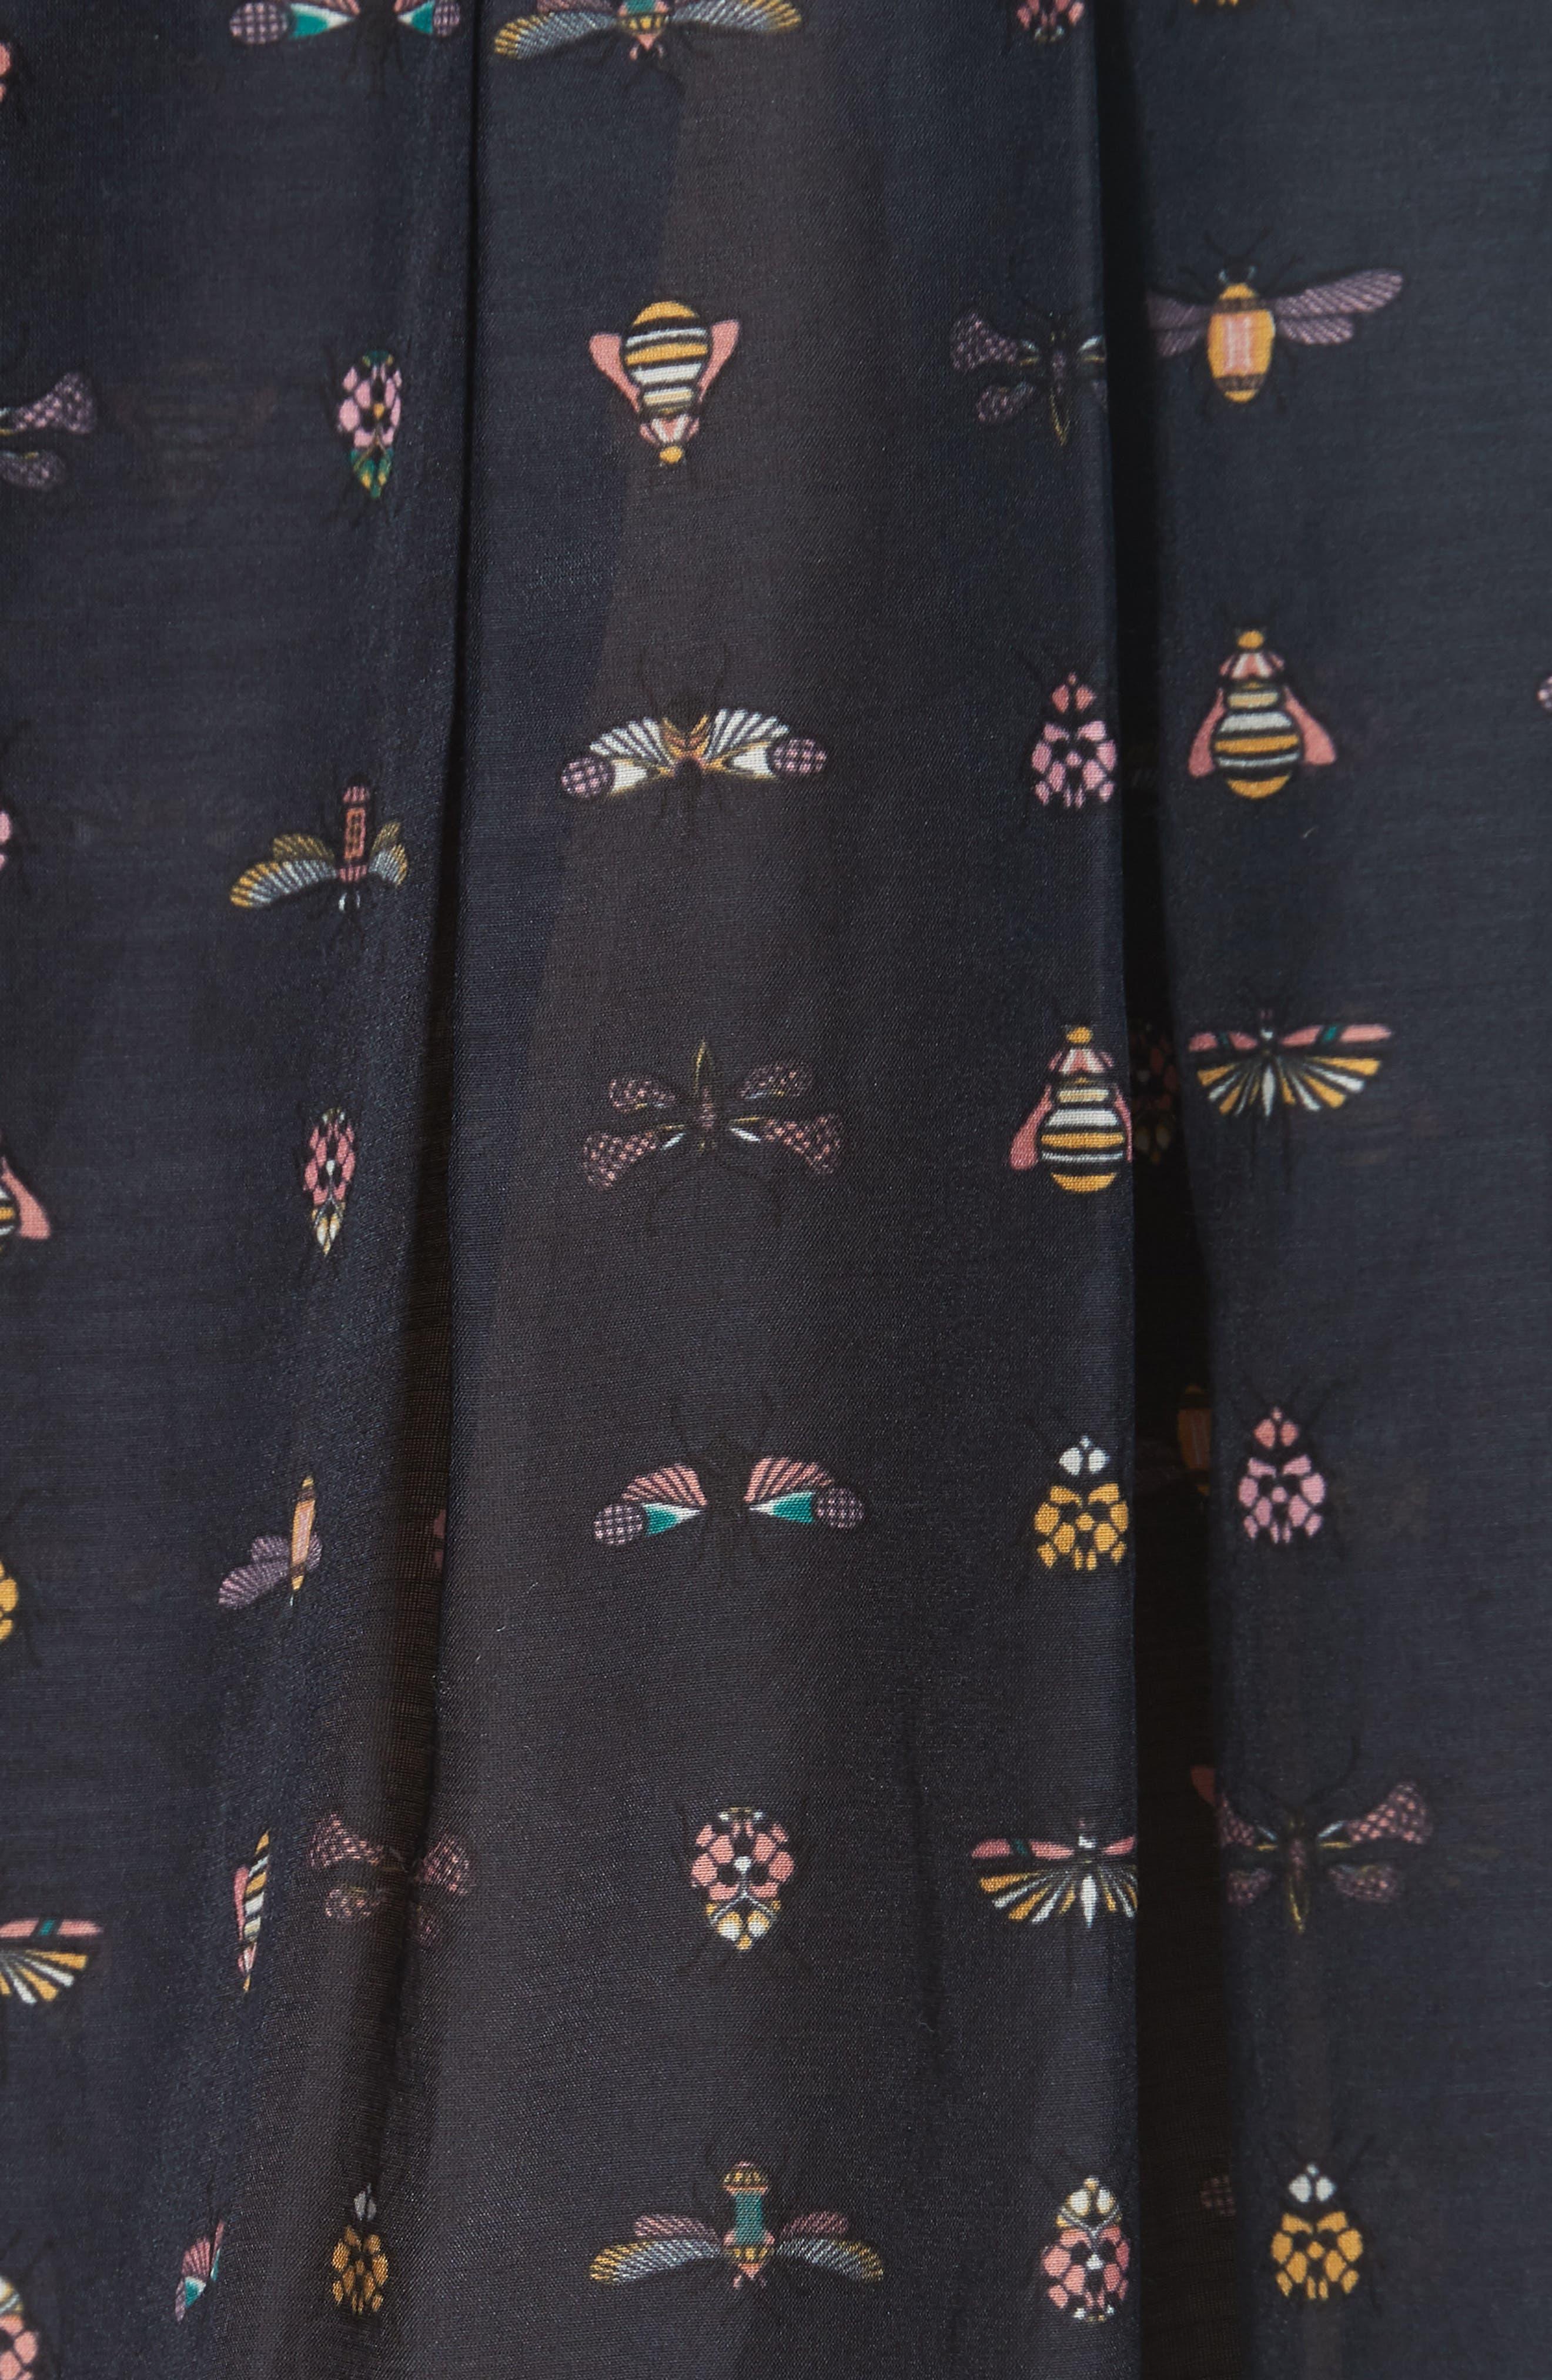 Elley Cotton & Silk Shirt,                             Alternate thumbnail 5, color,                             Eclipse Multi